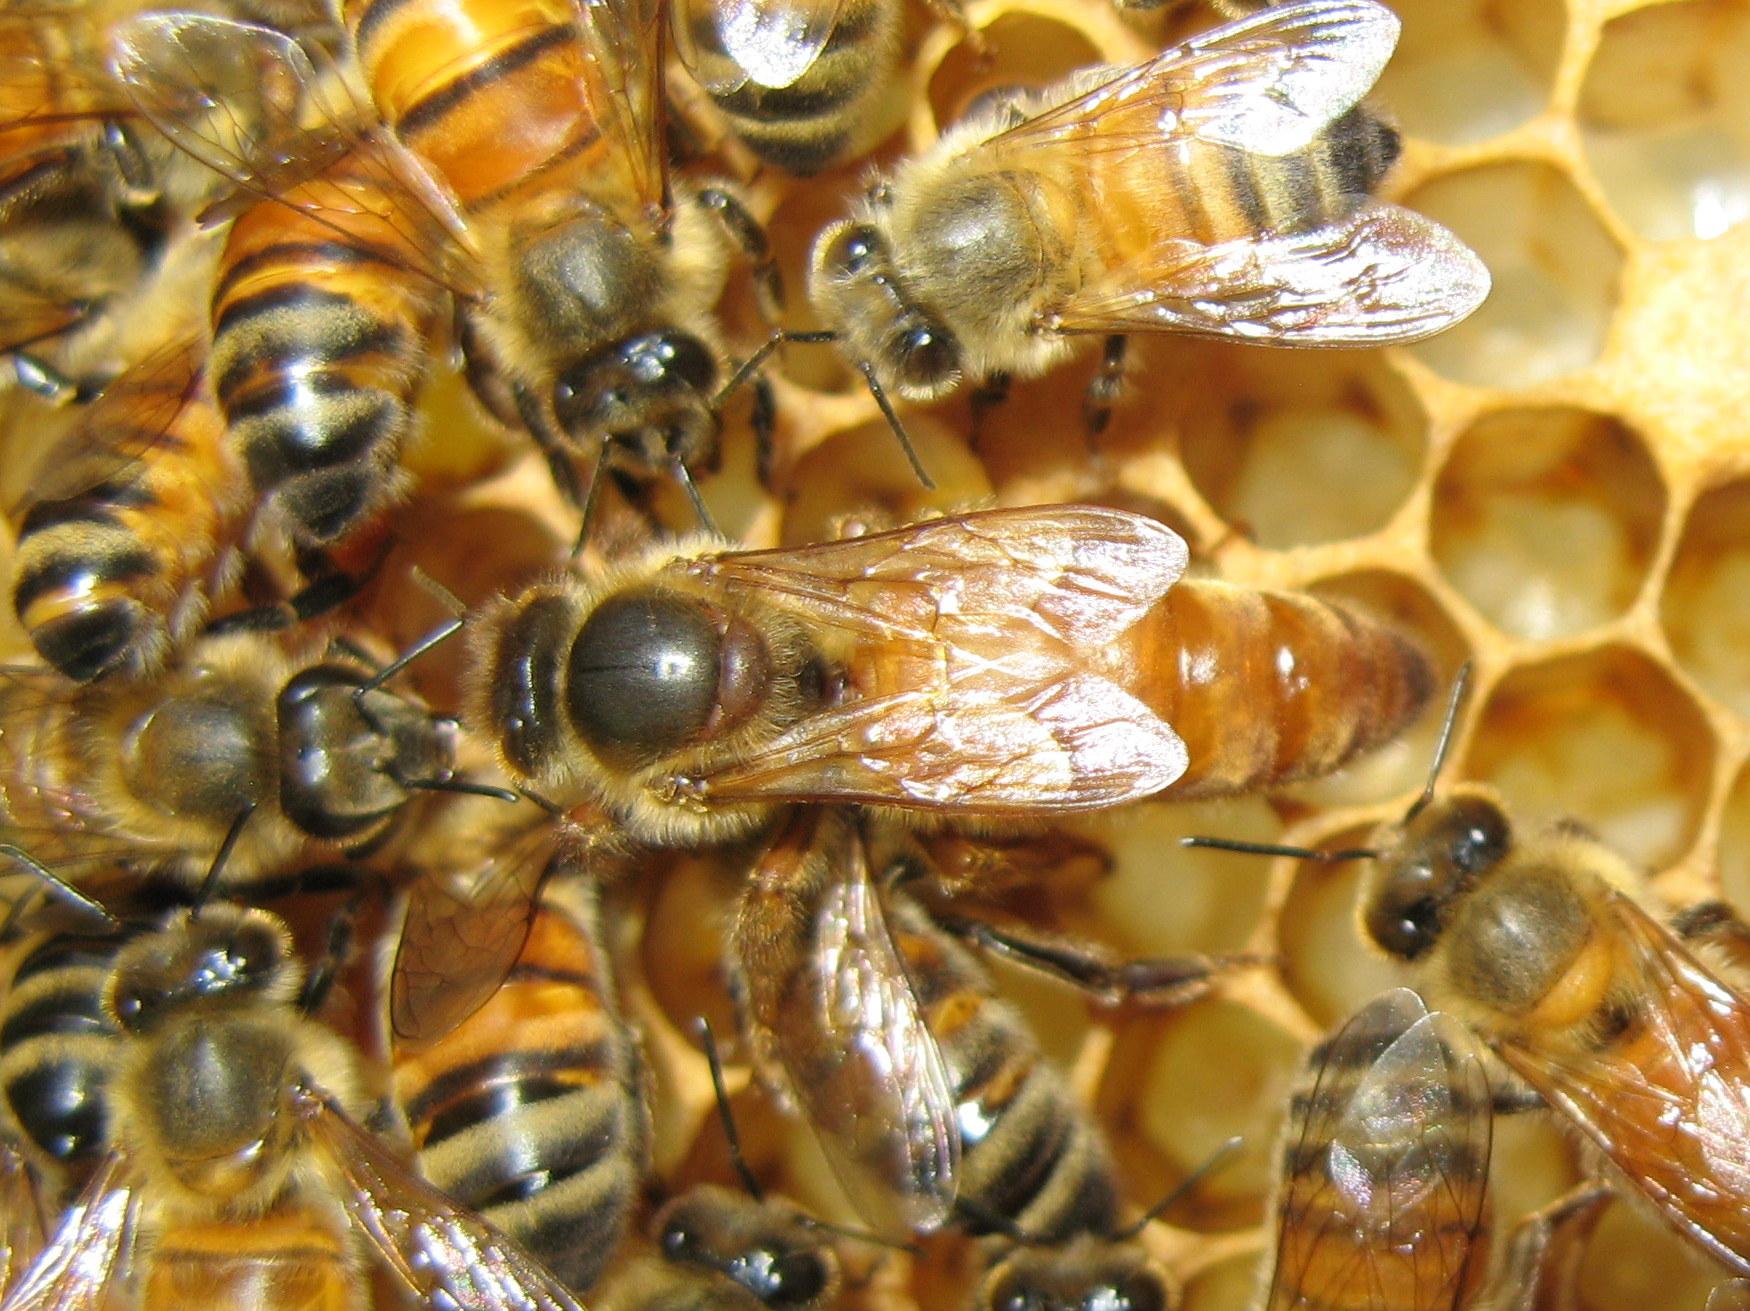 Queen-Bee-On-Comb-LR